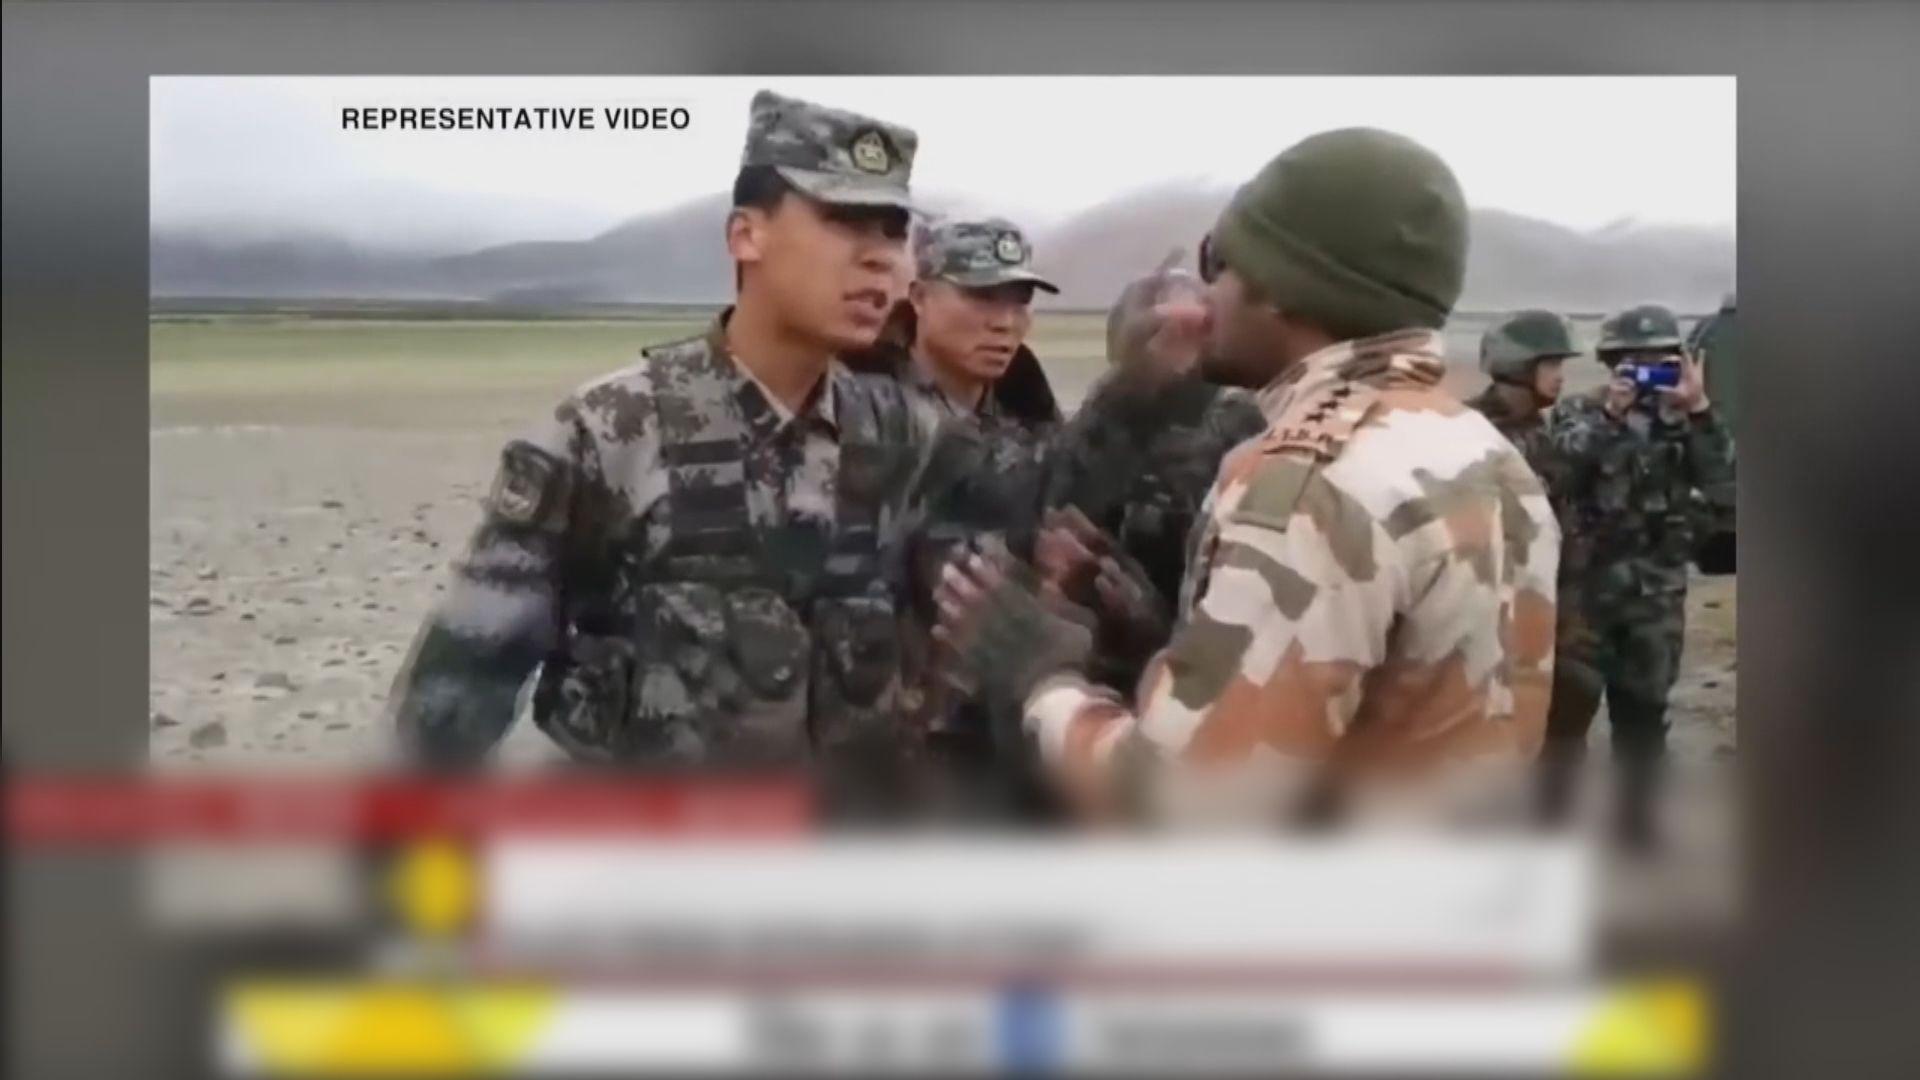 中印兩軍舉行第九輪會談 冀化解邊境僵局